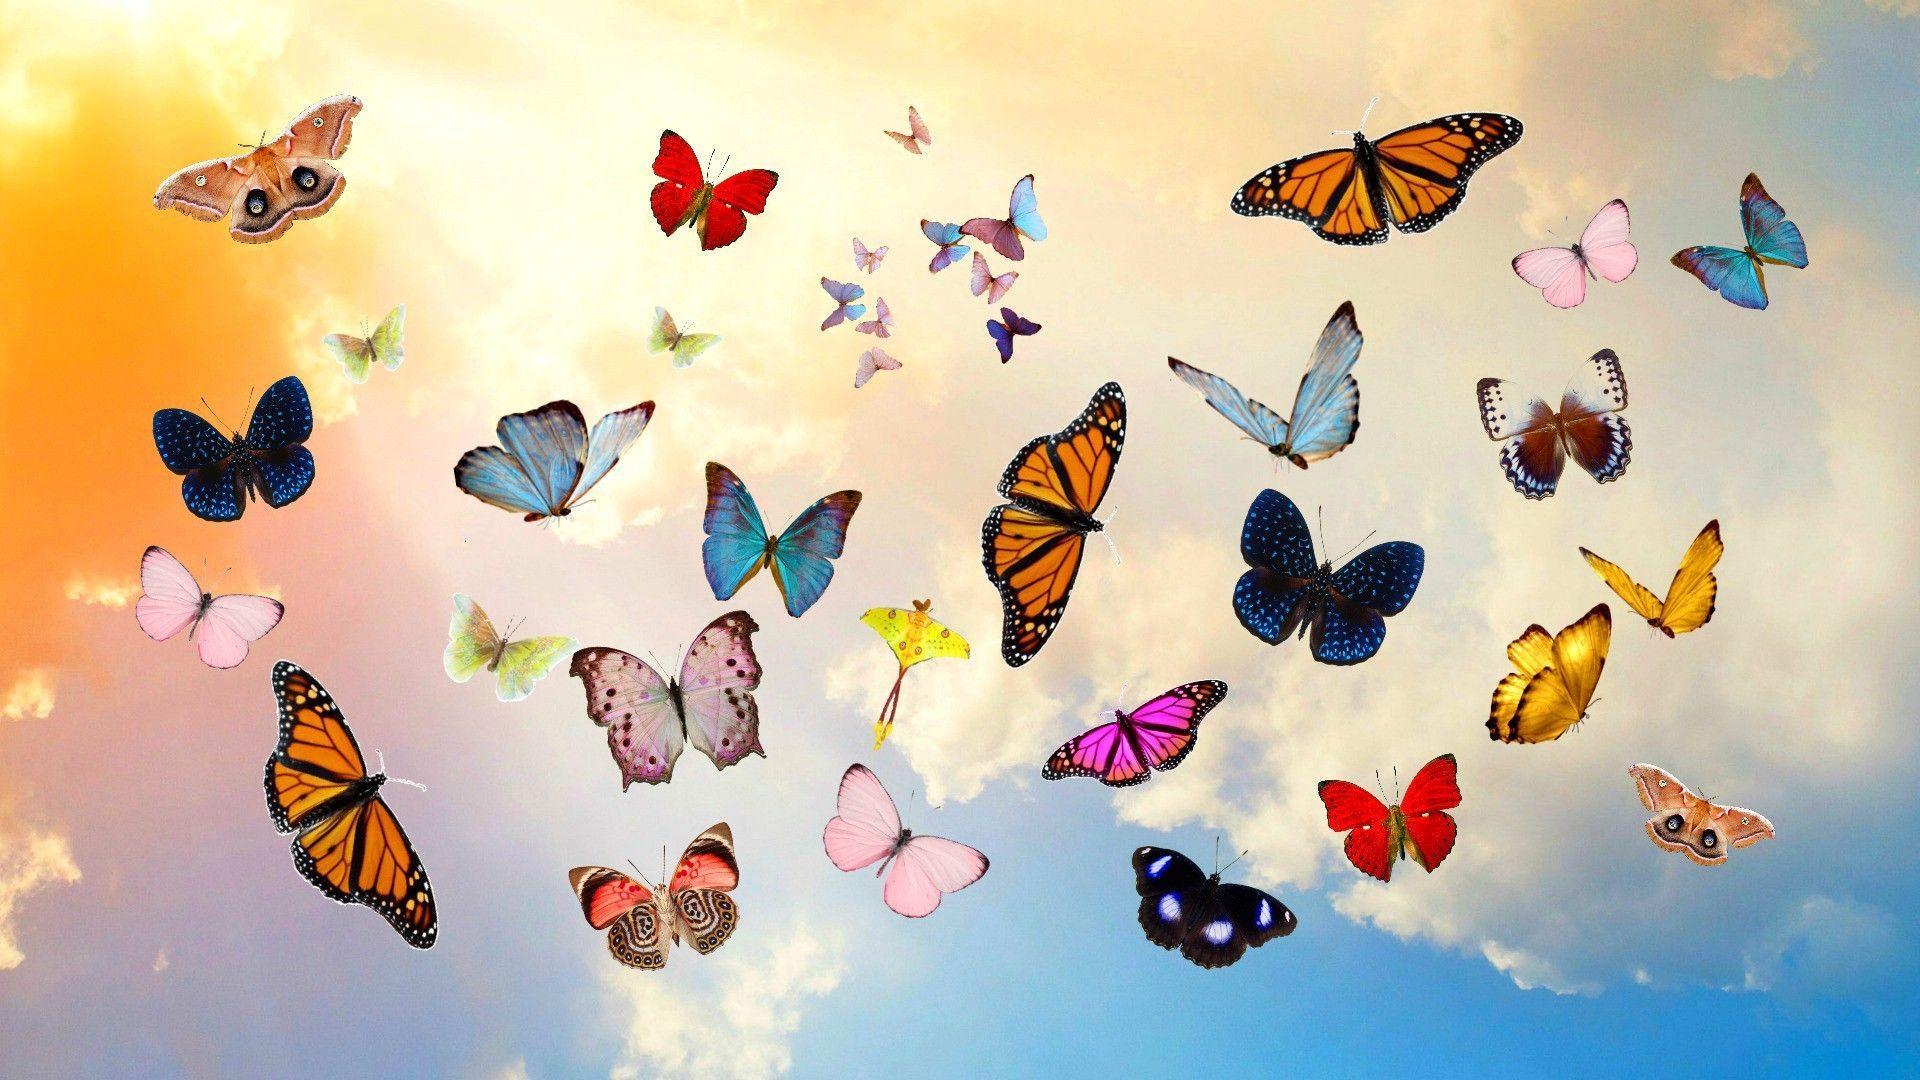 Hình nền con bướm 1920x1080.  2020 Hình nền dễ thương